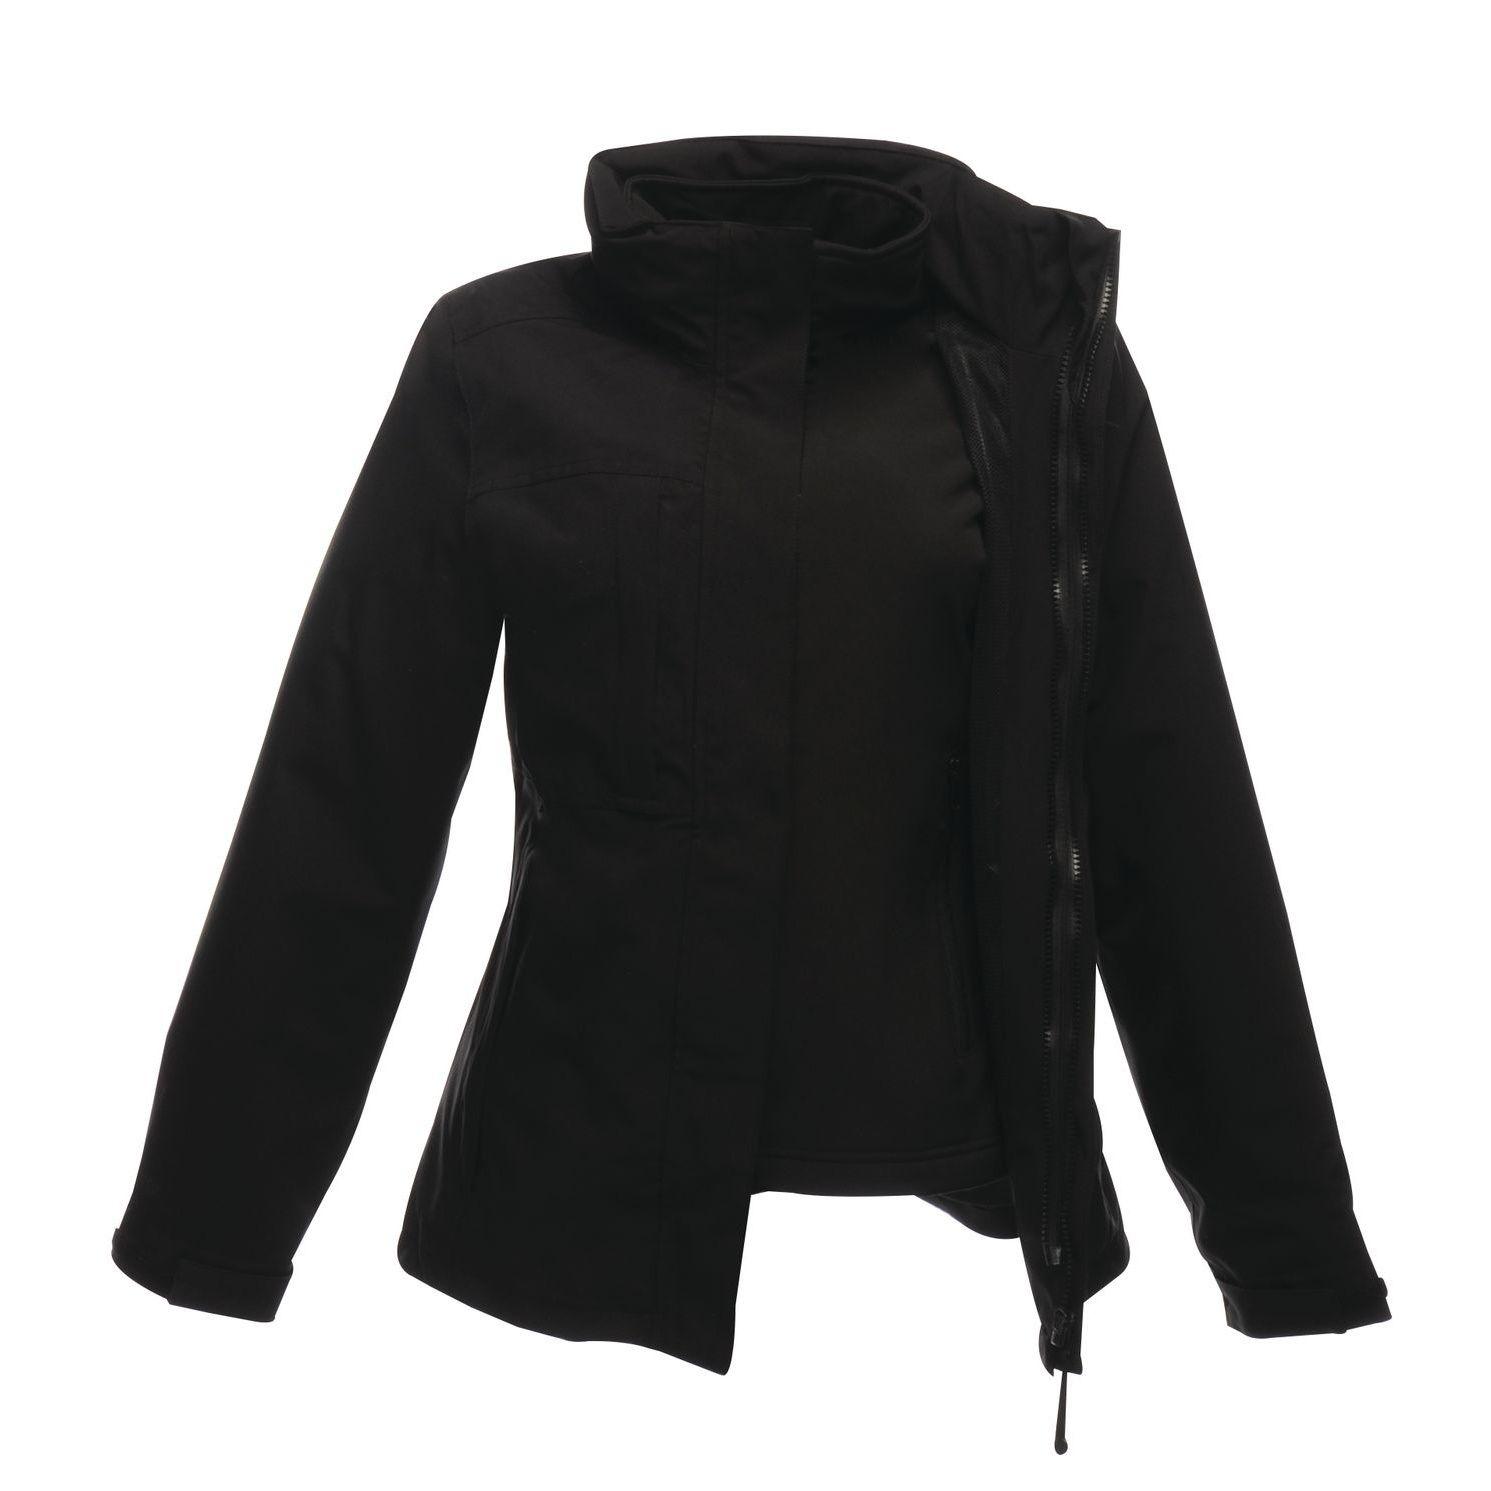 Regatta Professional Womens/Ladies Kingsley 3-in-1 Waterproof Jacket